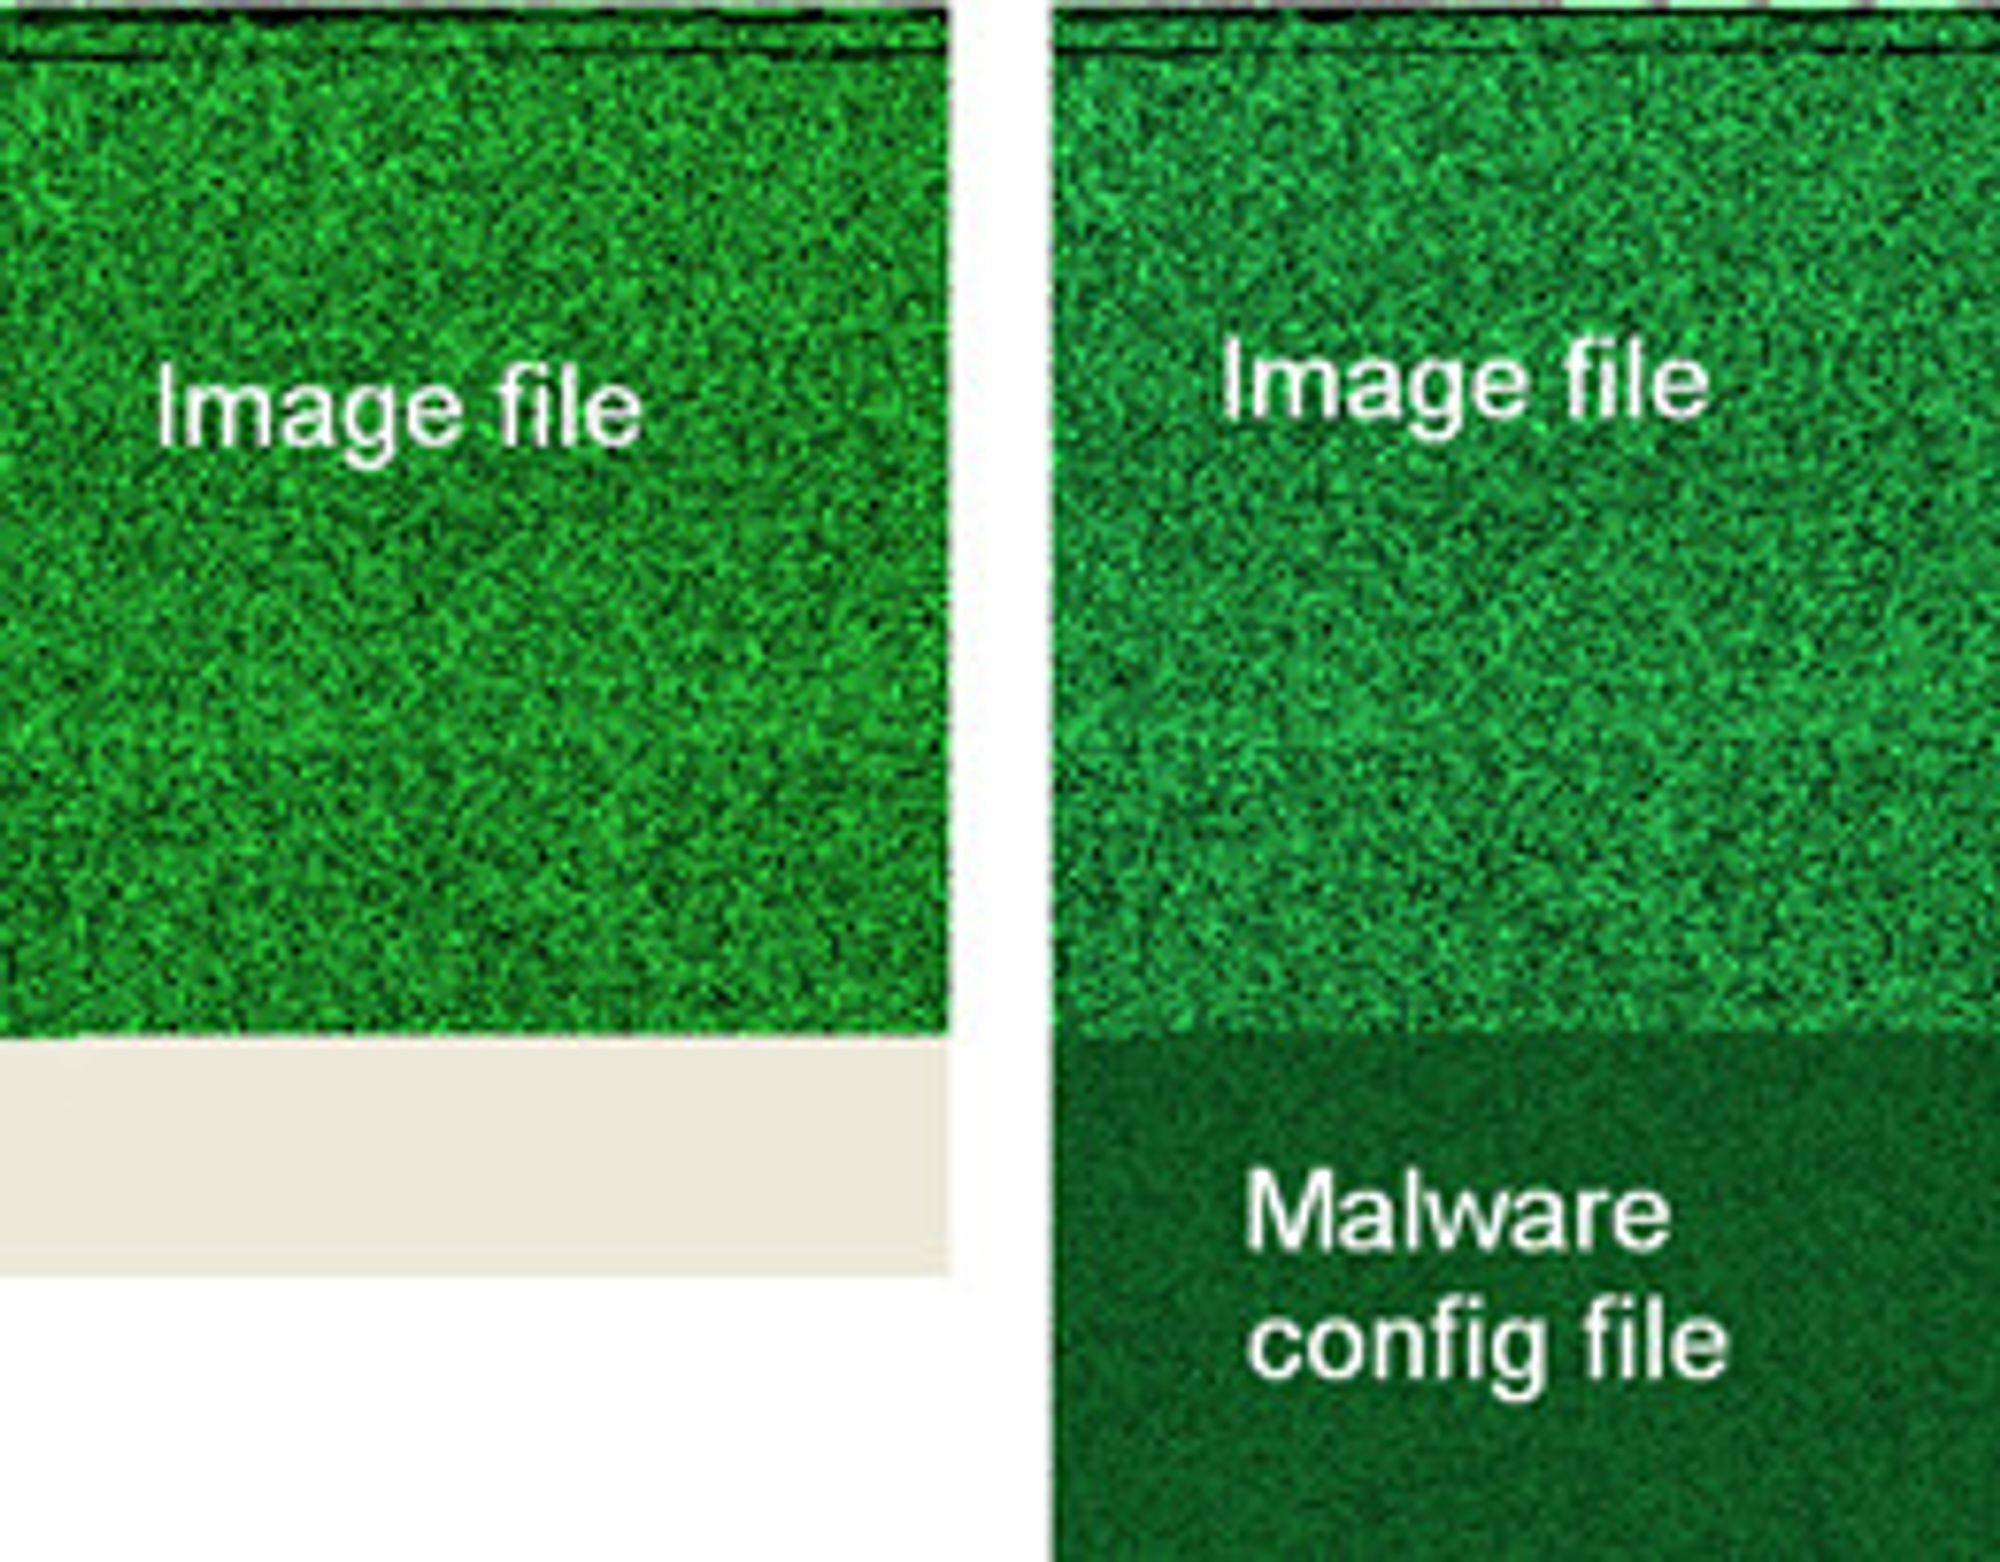 Ved å sammenligne originalbildet med det manipulerte bildet fant forskerne steganografisk kode lagt til på slutten av bildefilen.